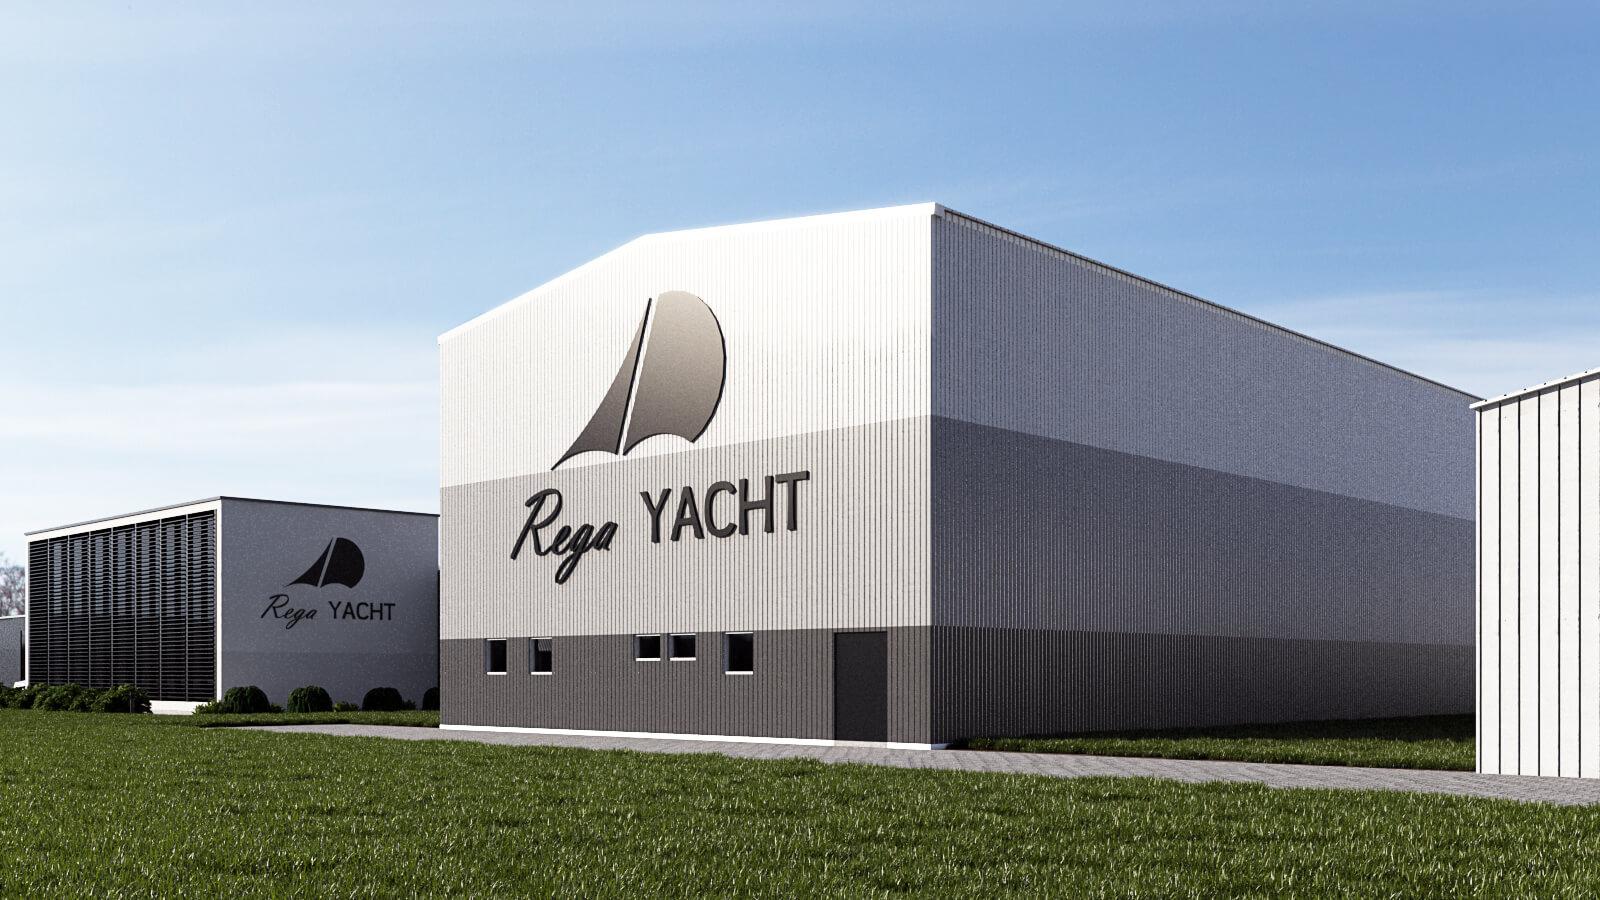 Archikom - Rega Yacht - wizualizacja